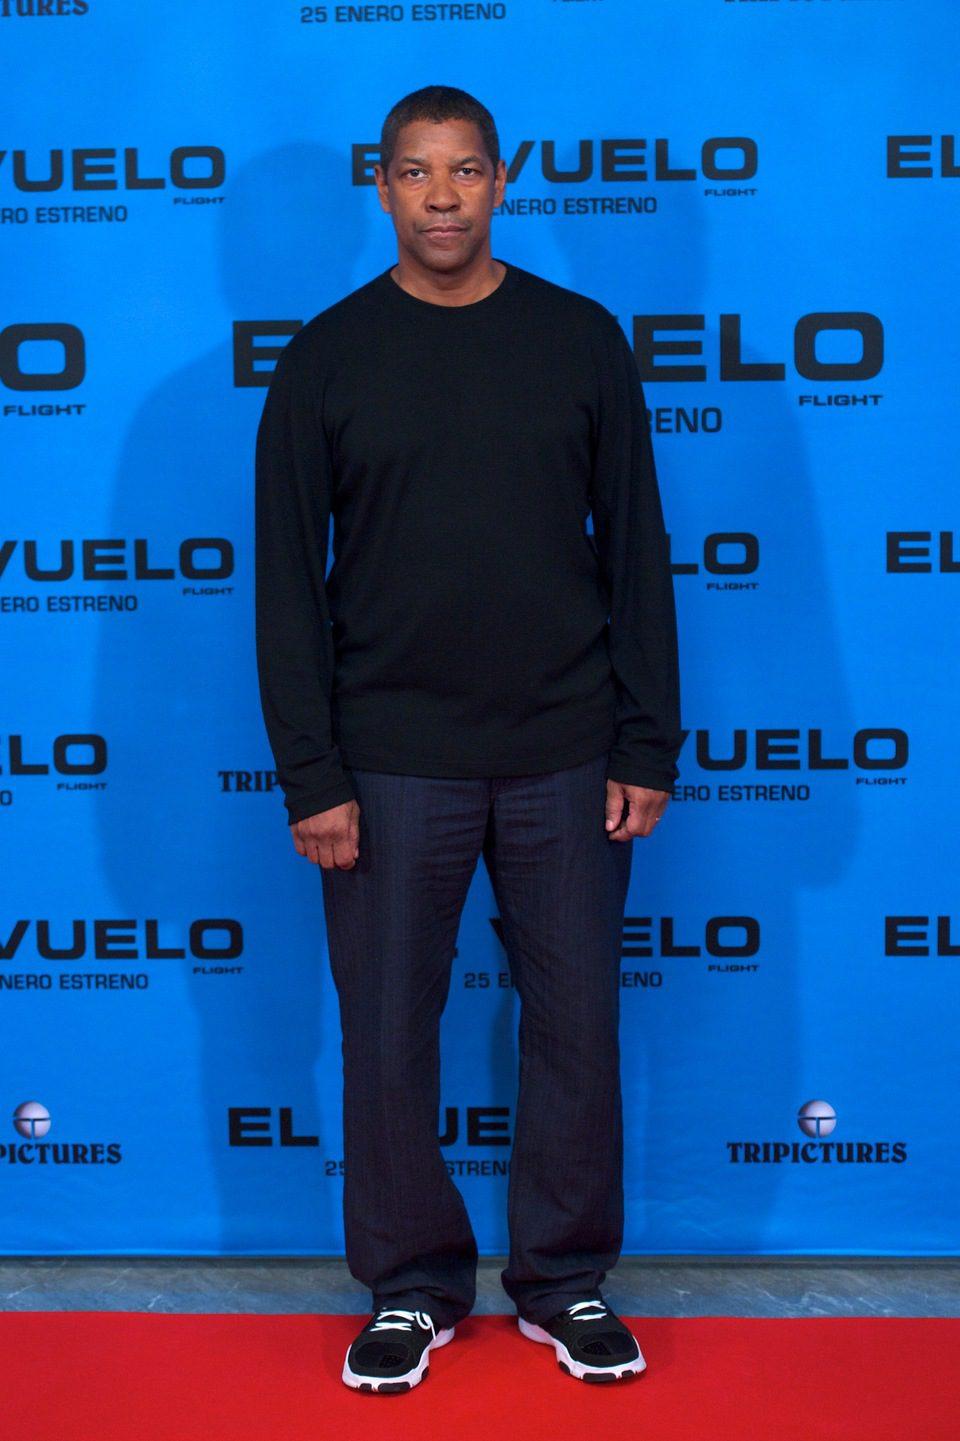 Denzel Washington en la presentación de 'El vuelo' en Madrid